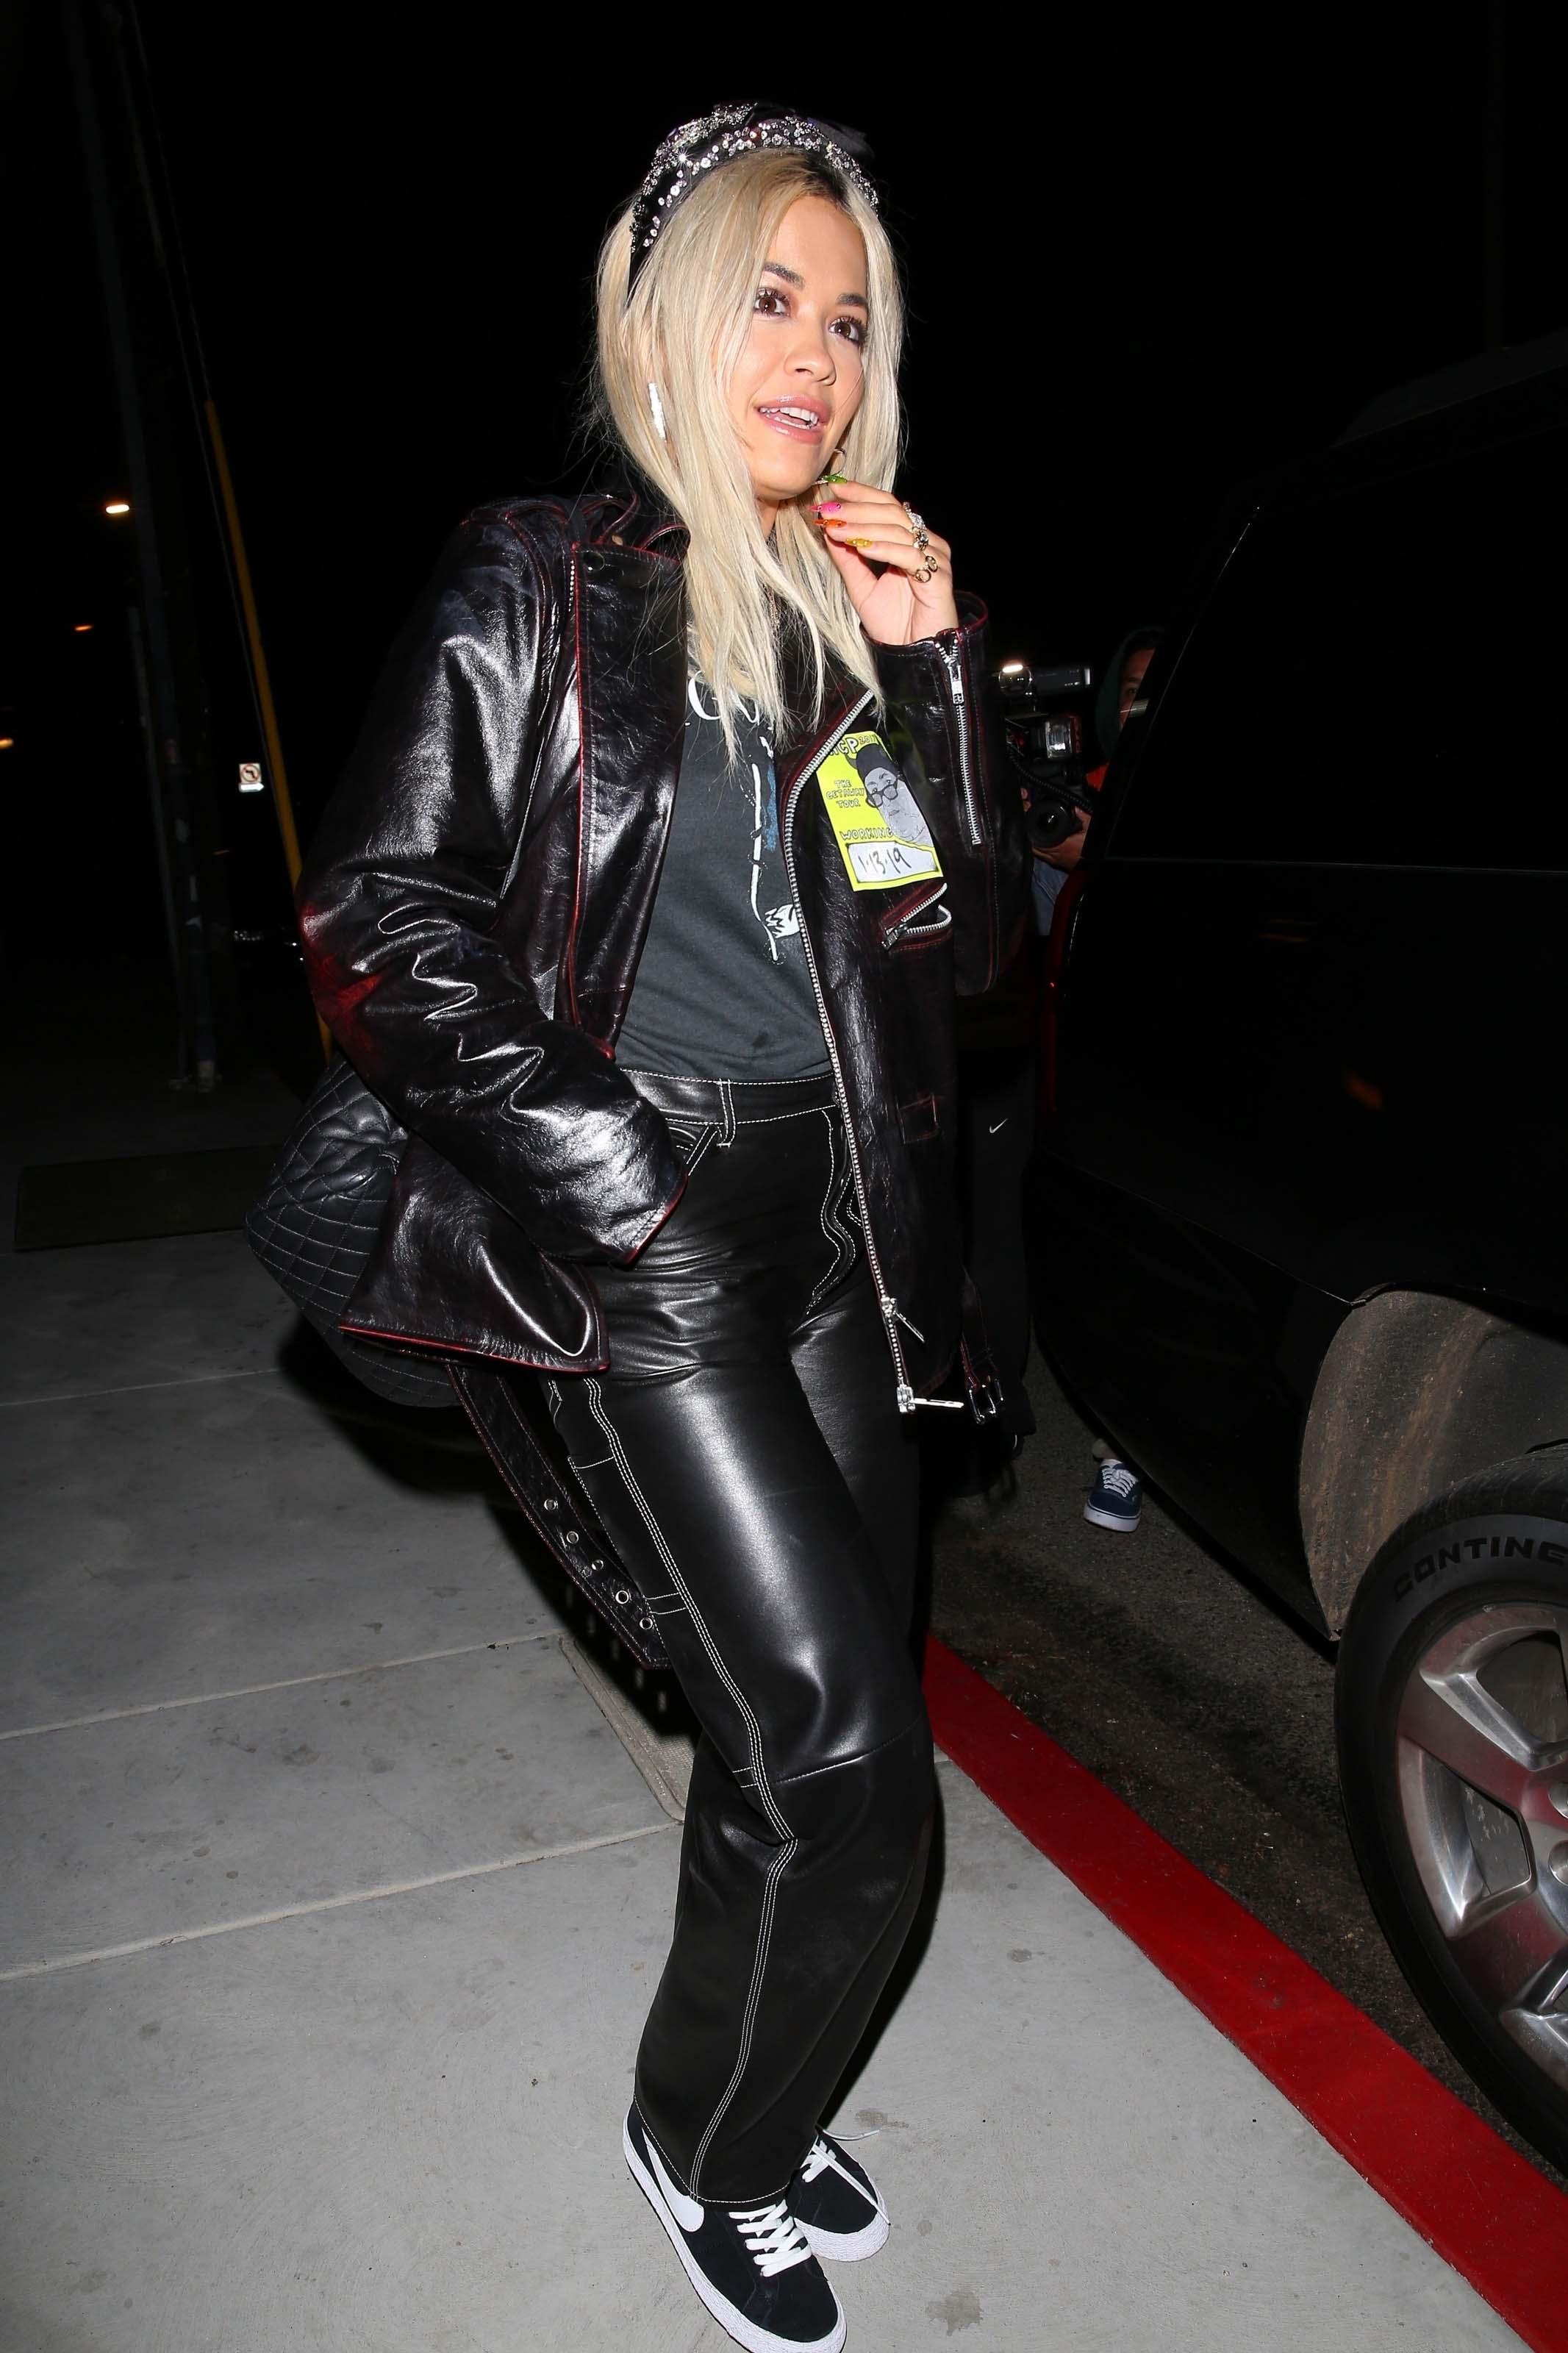 Rita Ora leaving Chateau Hanare